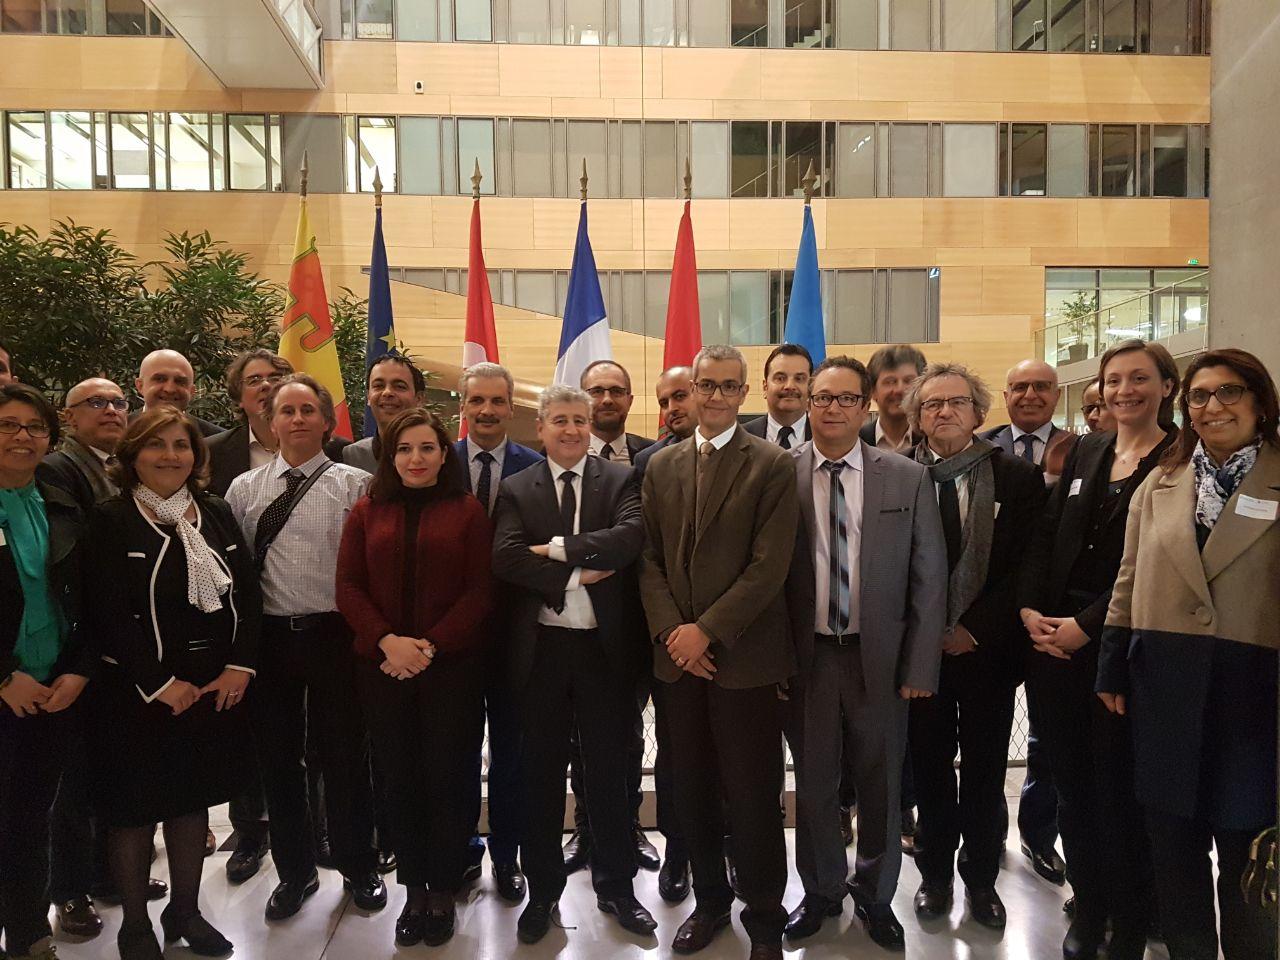 La délégation SALEEM accueillie à la Région Auvergne-Rhône-Alpes en présence de M. Pierre Bérat, Président de la Commission Enseignement Supérieur et Recherche de la Région, et de M. Khaled Bouabdallah, Président de l'Université de Lyon.